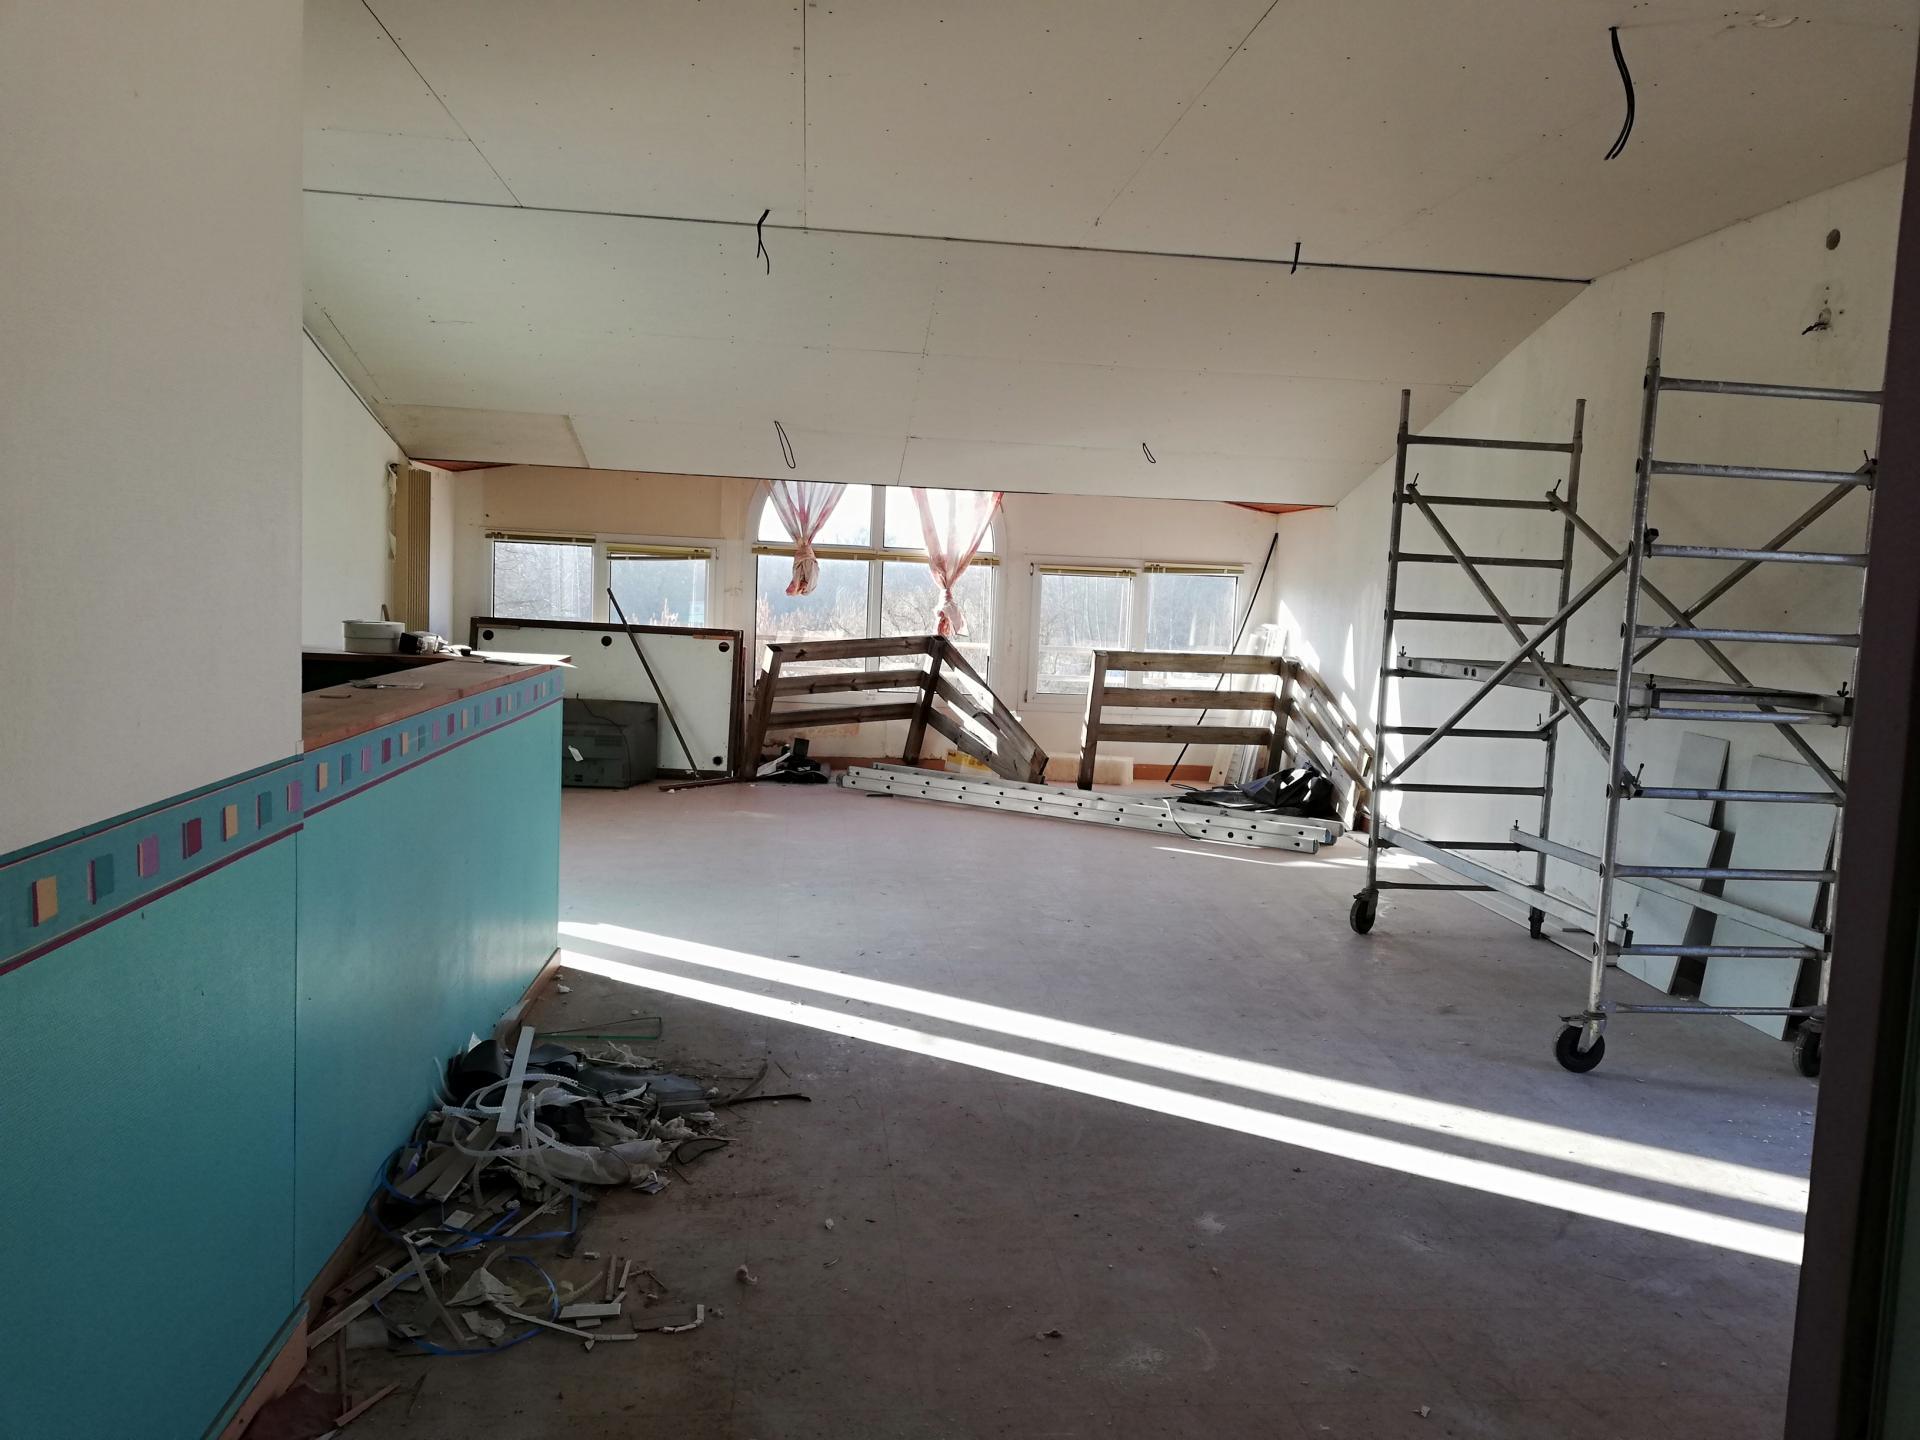 Abaissement du plafond